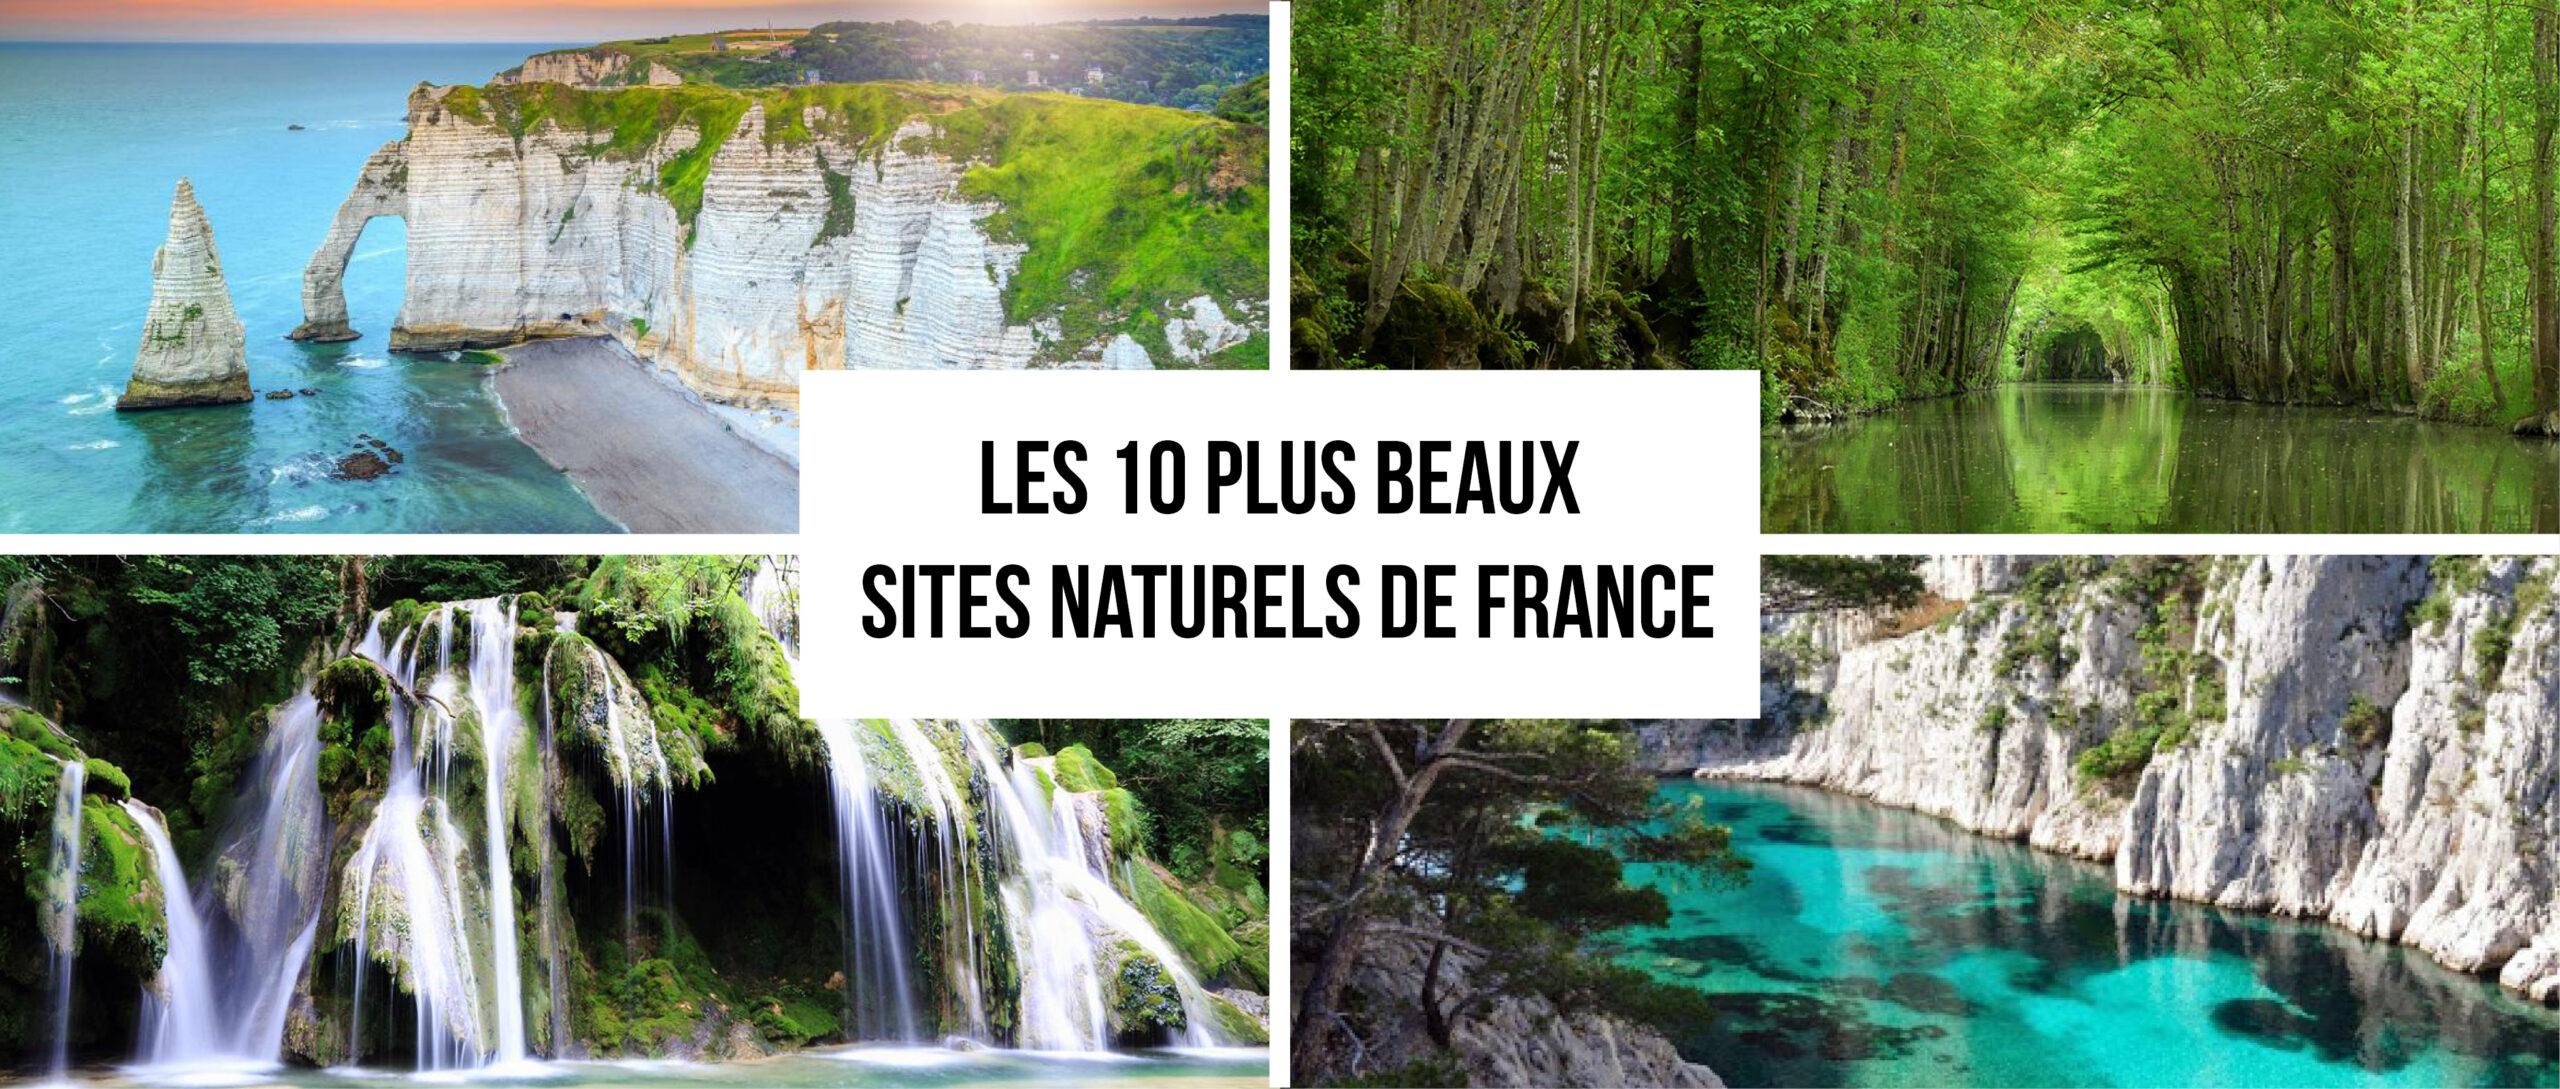 Nos idées de destinations pour cet été : Les 10 plus beaux sites naturels de France